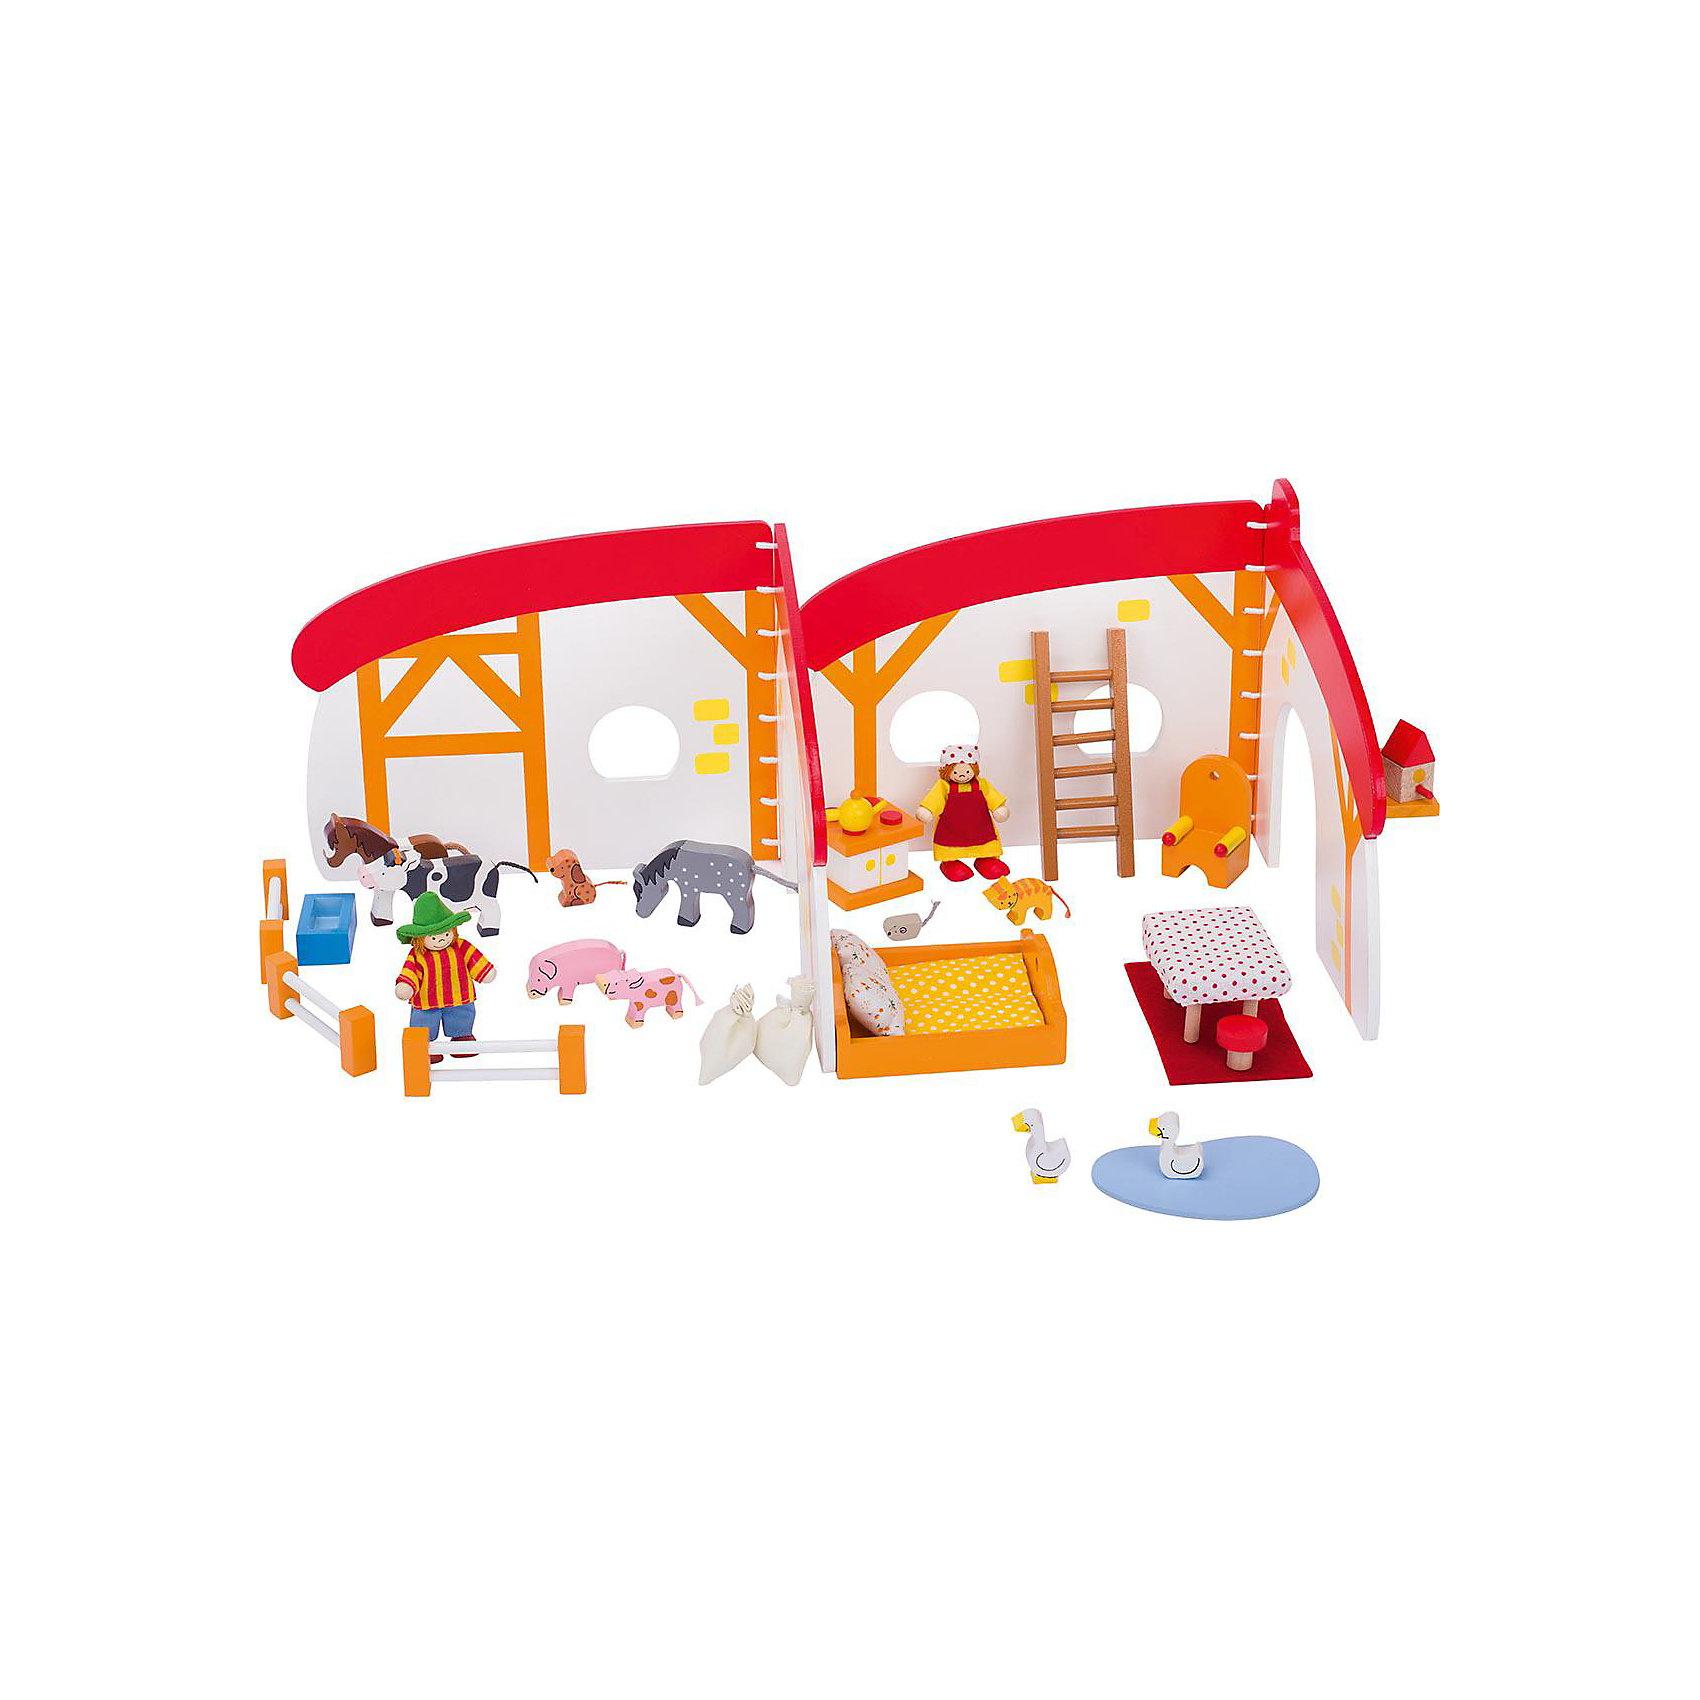 Кукольный дом складной Ферма 35 дет., gokiДомики и мебель<br>Характеристики товара:<br><br>- цвет: разноцветный;<br>- материал: дерево;<br>- возраст: от трех лет;<br>- размер: 21х26 см.<br><br>Этот симпатичный деревянный игровой набор приводит детей в восторг! Какой ребенок сможет отказаться поиграть с фигурками, которые имеют такой красивый раскладывающийся домик?! Игрушка очень качественно выполнена, поэтому она станет замечательным подарком ребенку. Набор включает в себя декорации фермы, мебель, фигурки людей и животных, всего - 35 элементов.<br>Игры с такими фигурками помогаю детям развить важные навыки и отработать модели социального взаимодействия. Изделие произведено из высококачественного материала, безопасного для детей.<br><br>Кукольный дом складной Ферма 35 дет. от бренда GOKI можно купить в нашем интернет-магазине.<br><br>Ширина мм: 210<br>Глубина мм: 160<br>Высота мм: 210<br>Вес г: 1000<br>Возраст от месяцев: 36<br>Возраст до месяцев: 144<br>Пол: Женский<br>Возраст: Детский<br>SKU: 5155310